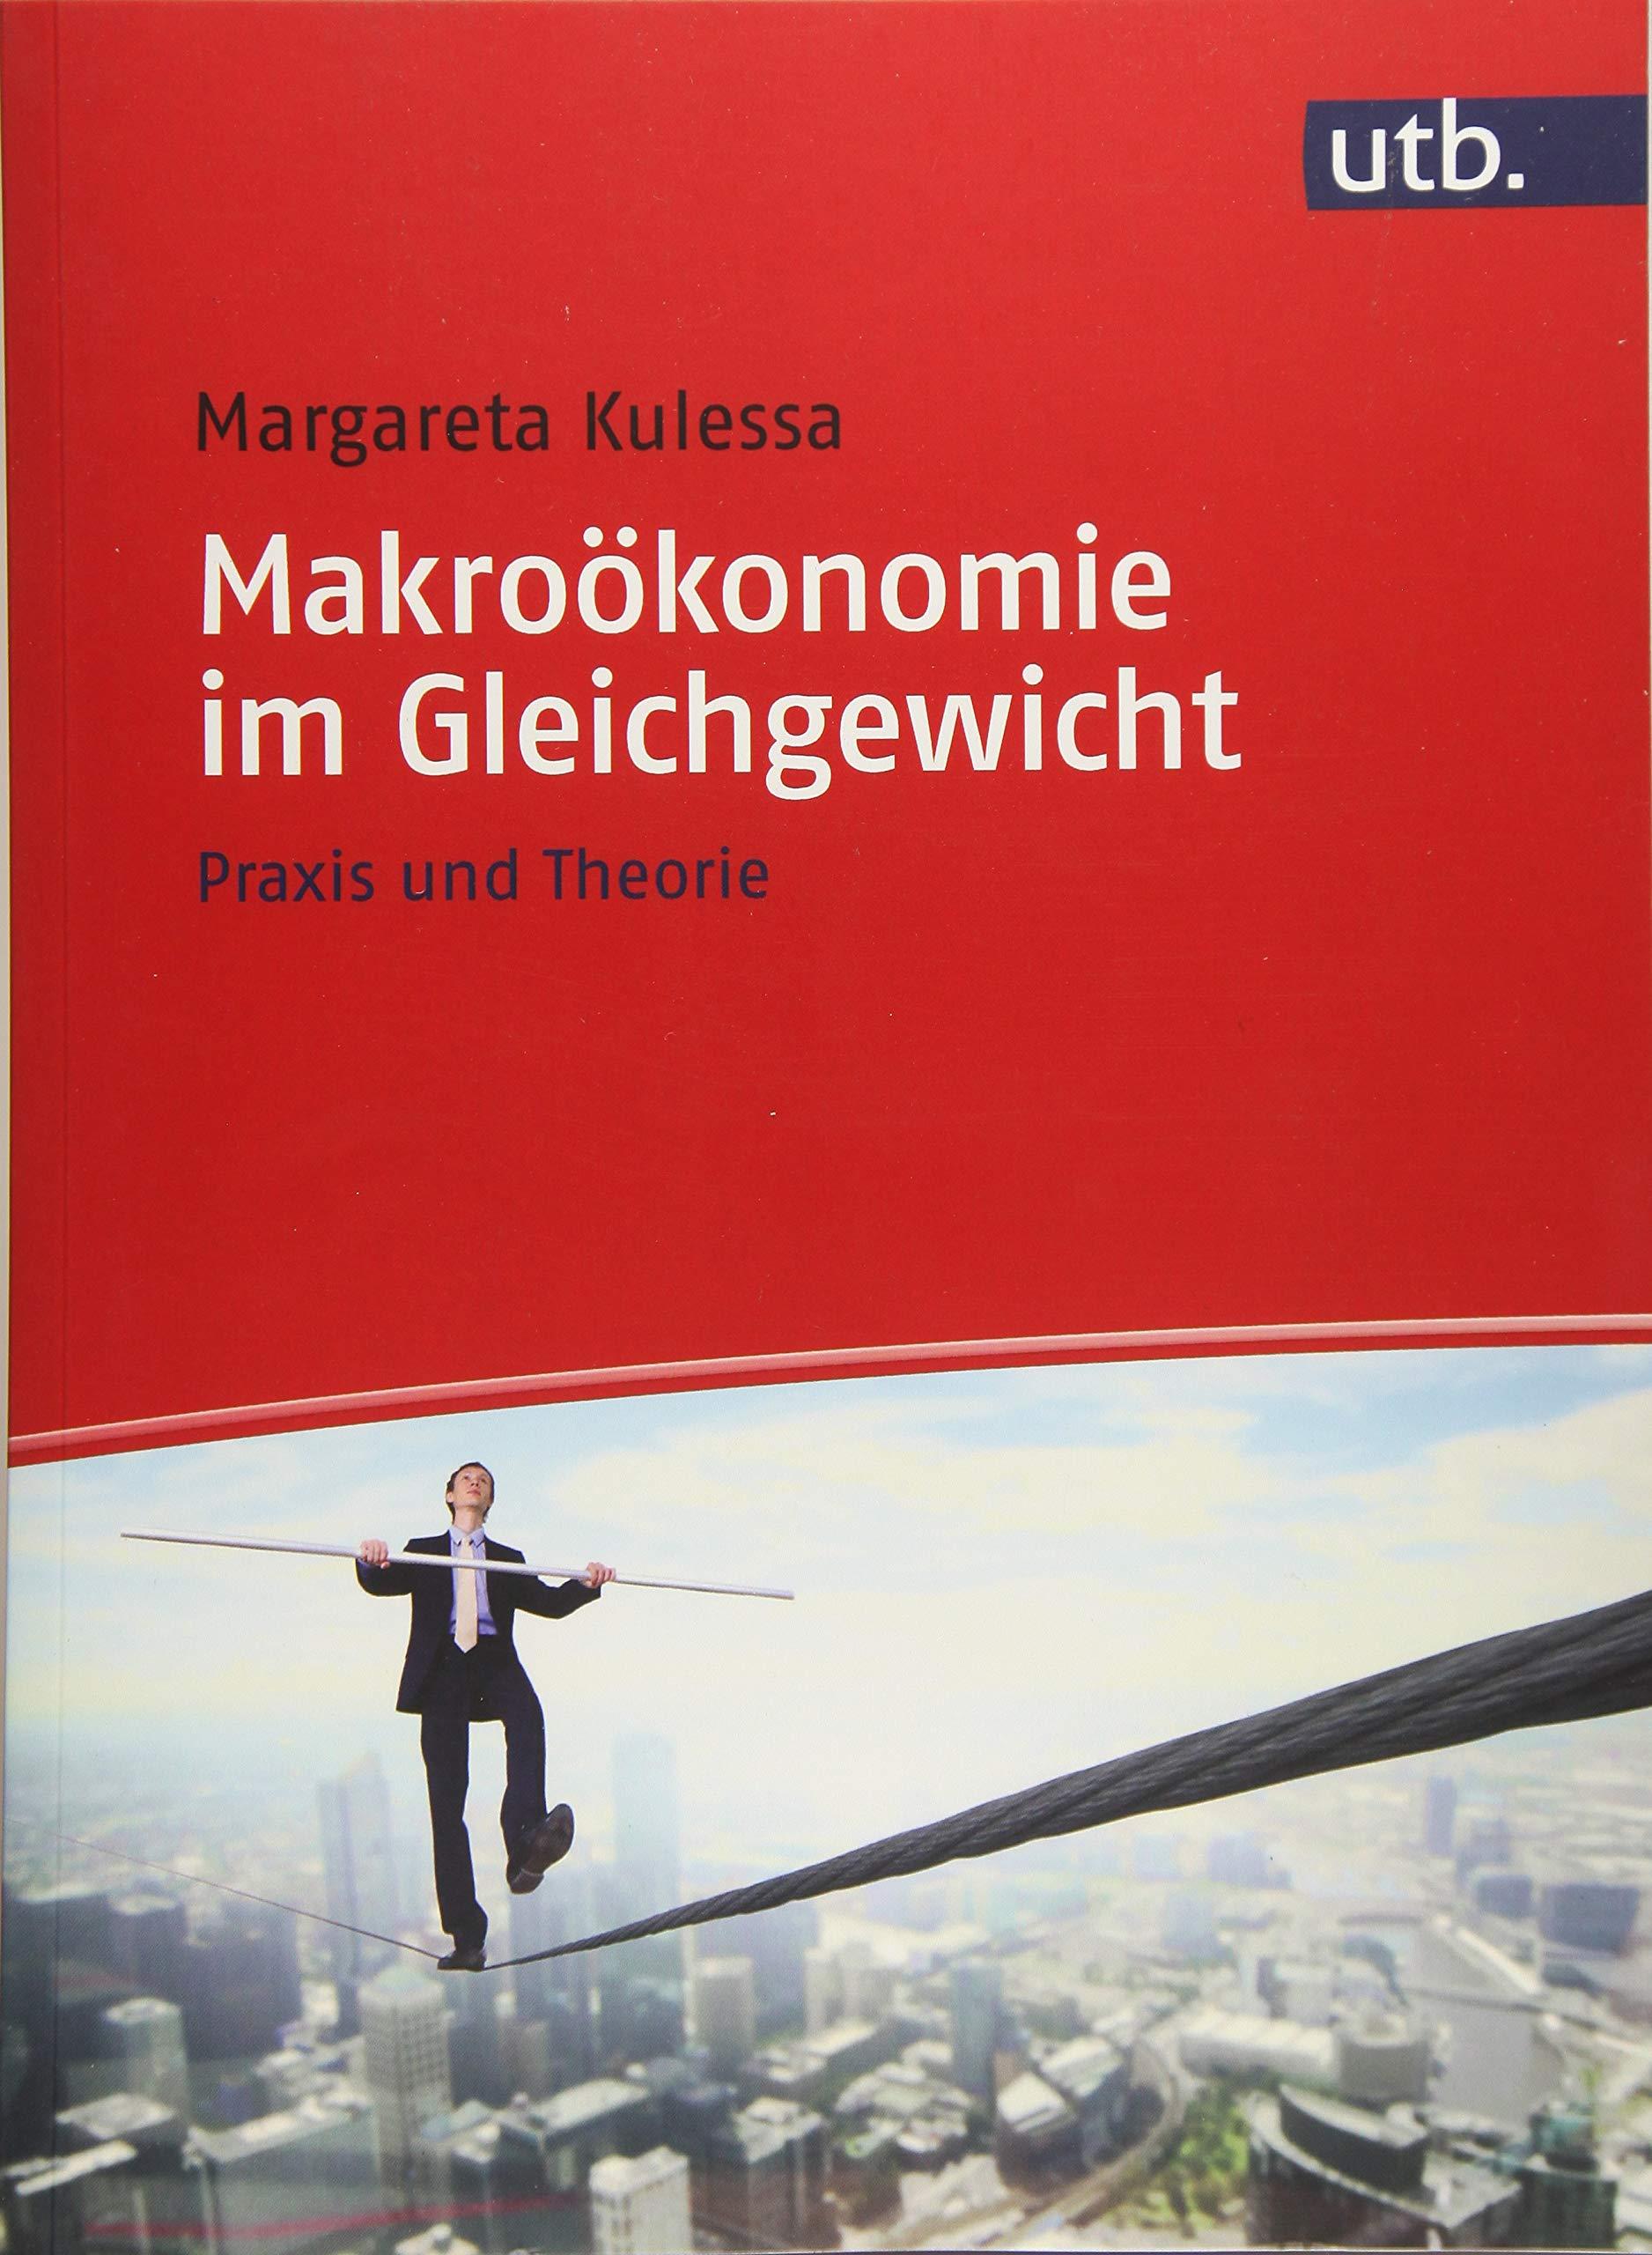 makrokonomie-im-gleichgewicht-praxis-und-theorie